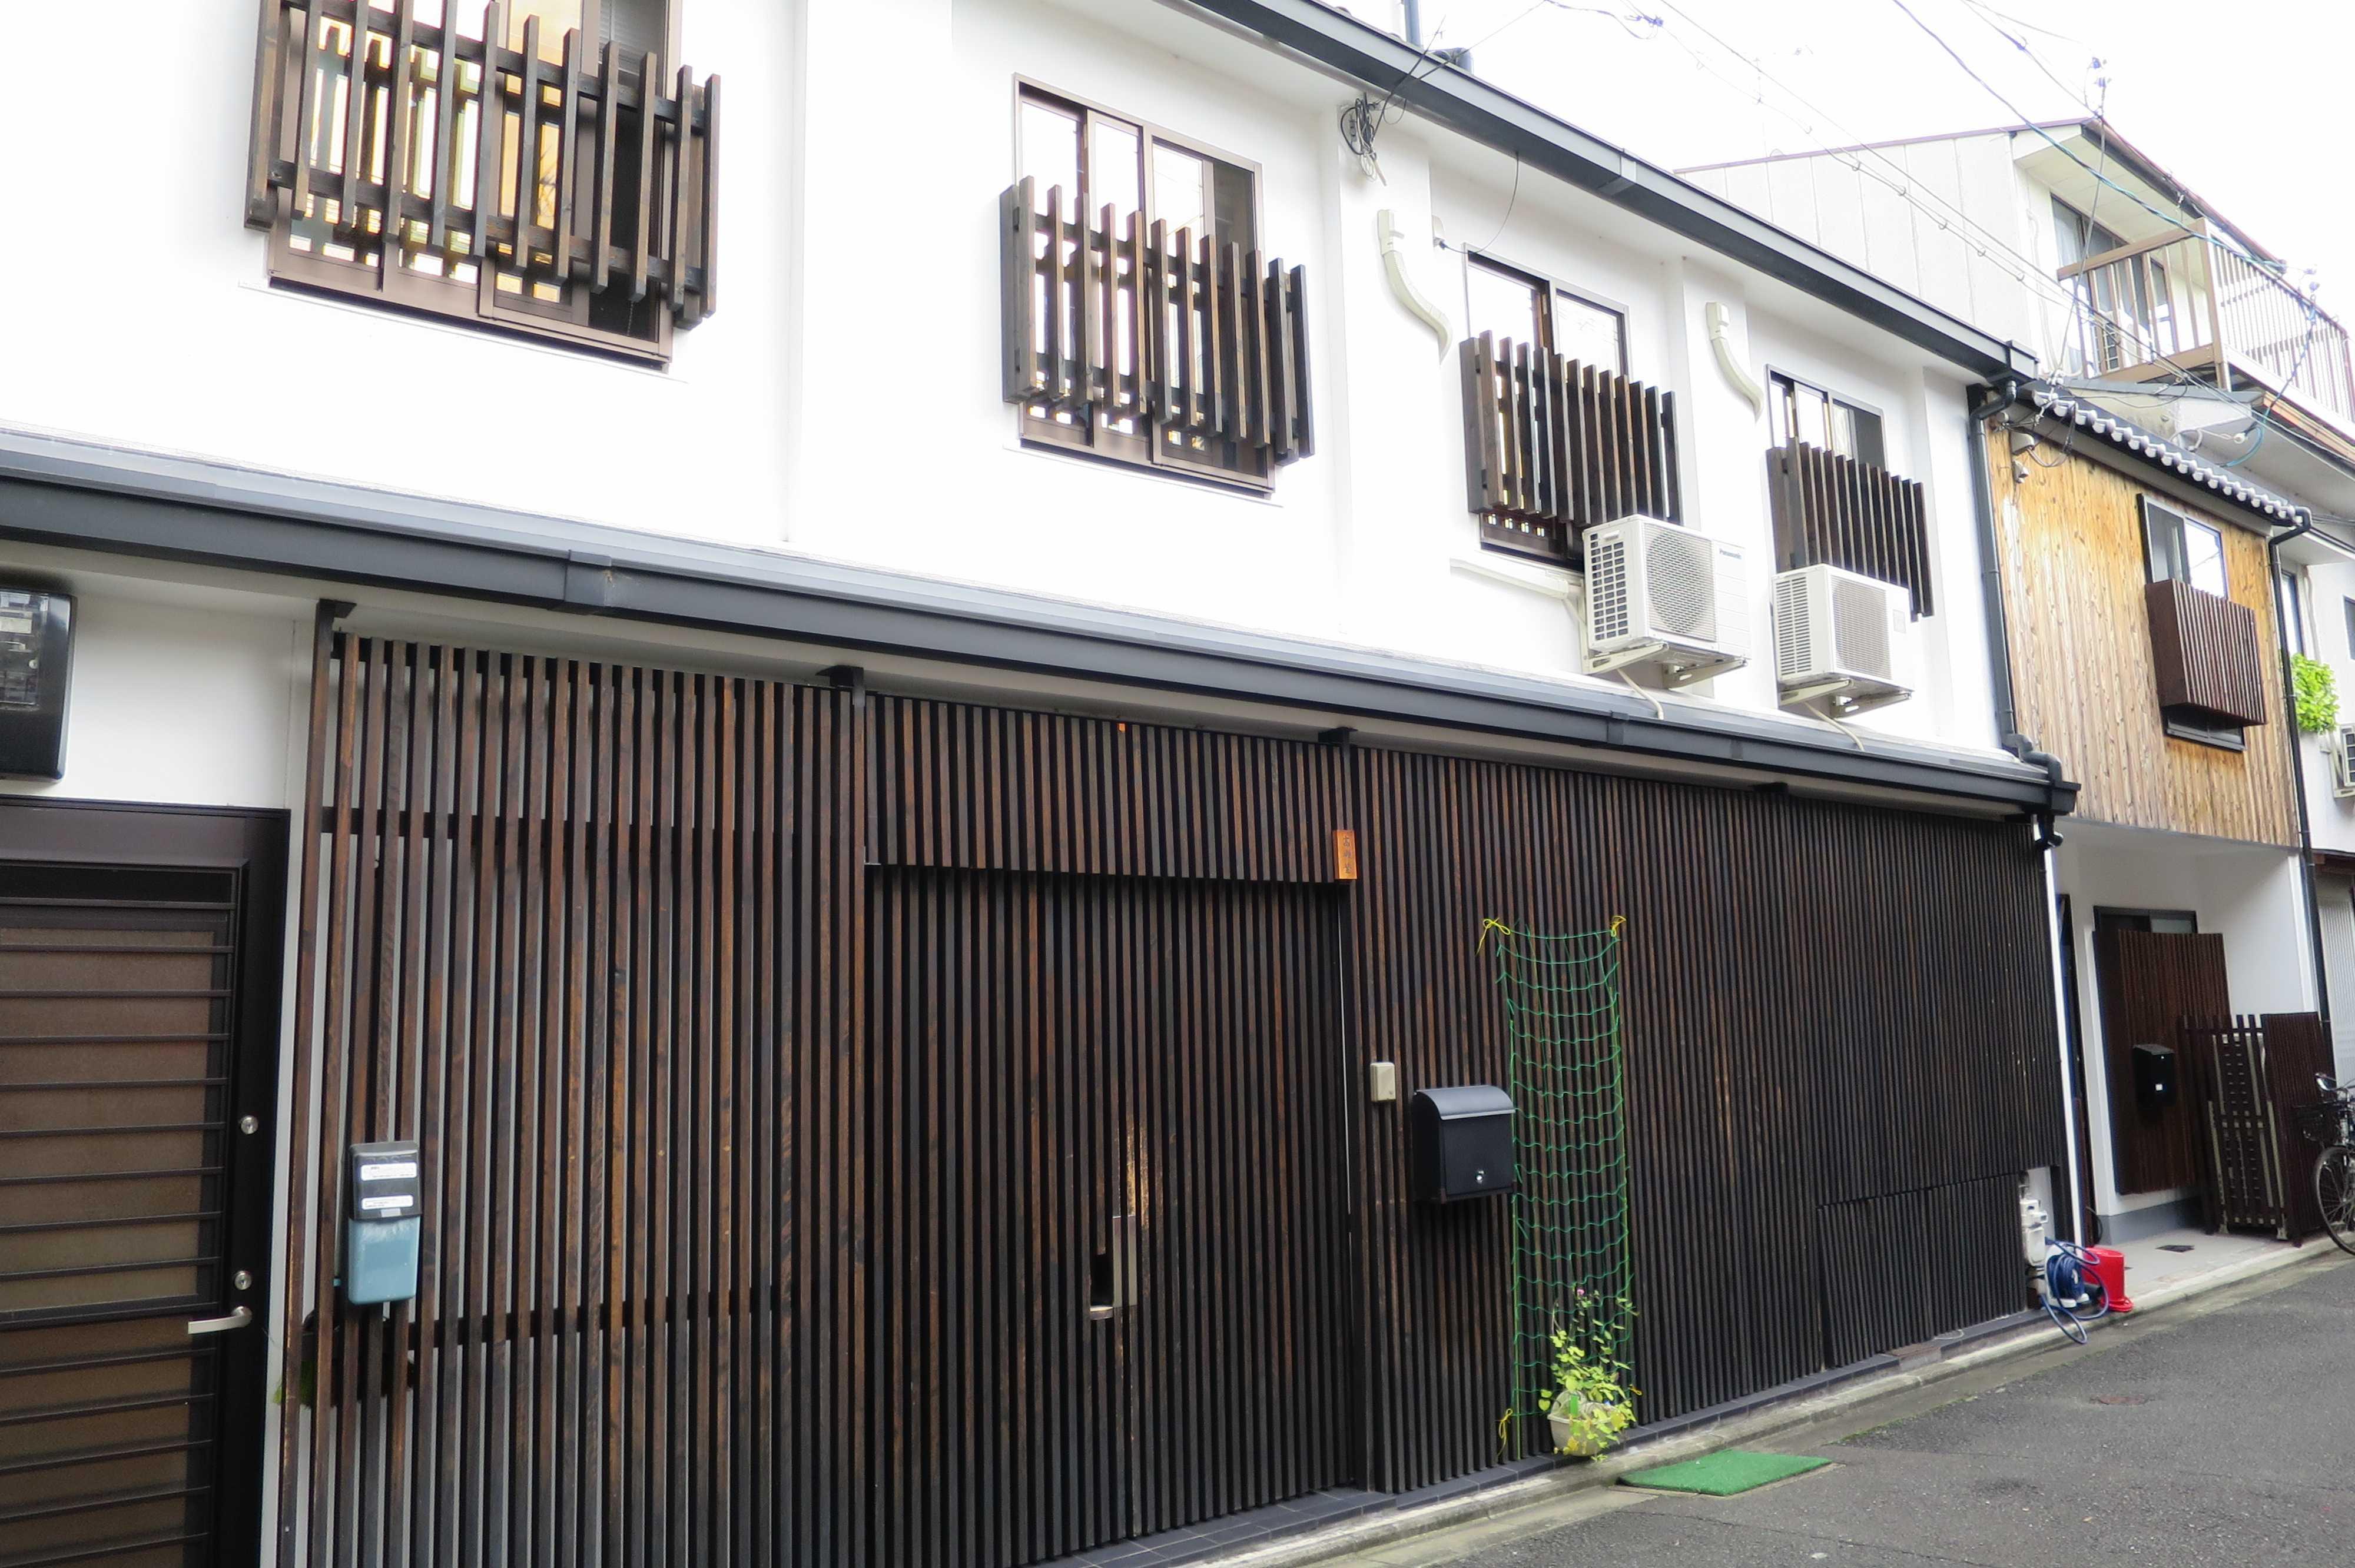 京都・五条楽園 - 遊郭(置屋?)をリノベーションした家